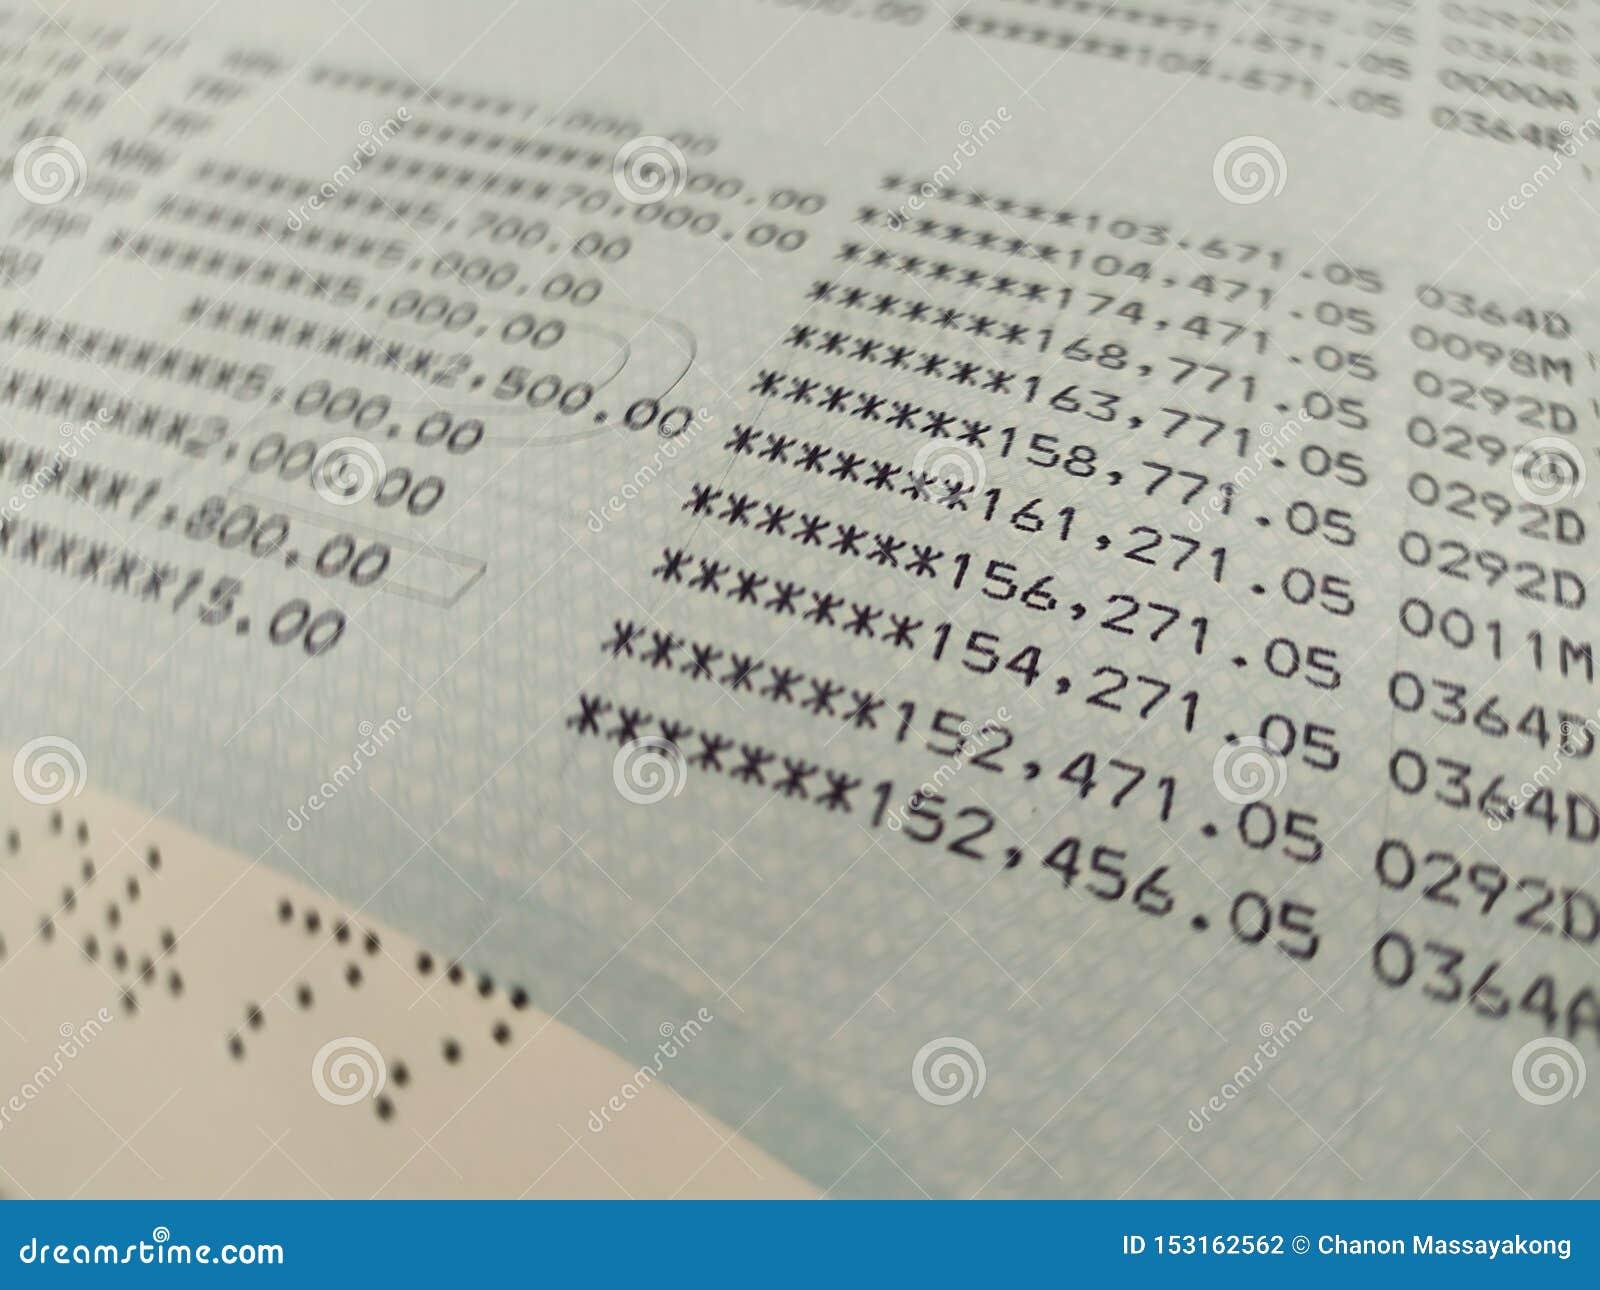 Bank account book close up selective focus